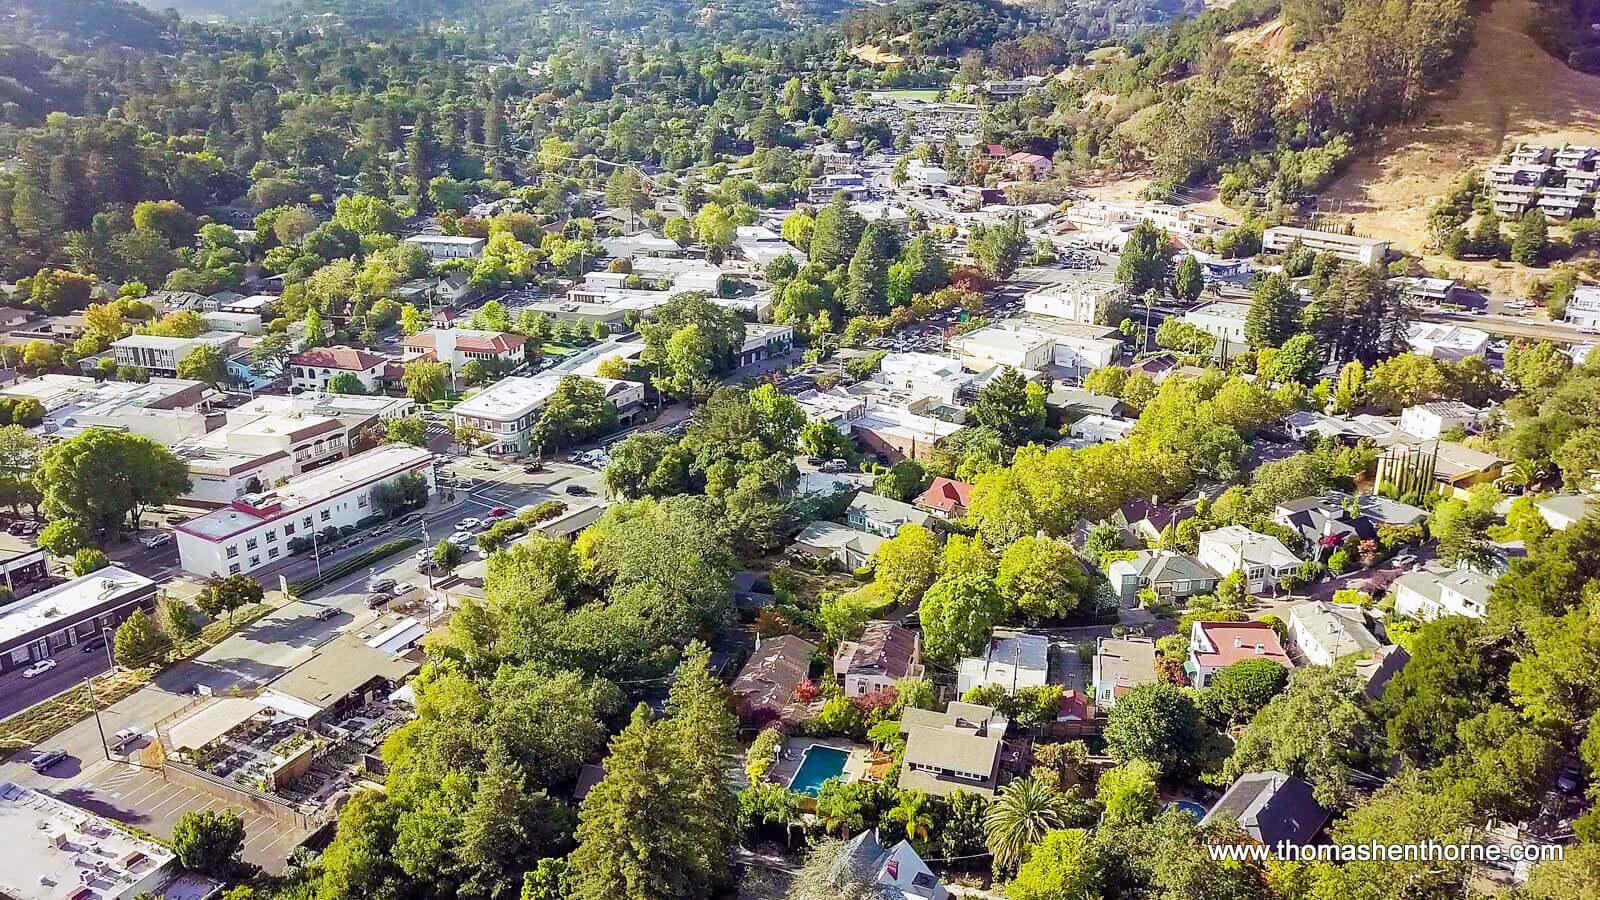 Aerial View of San Anselmo, California